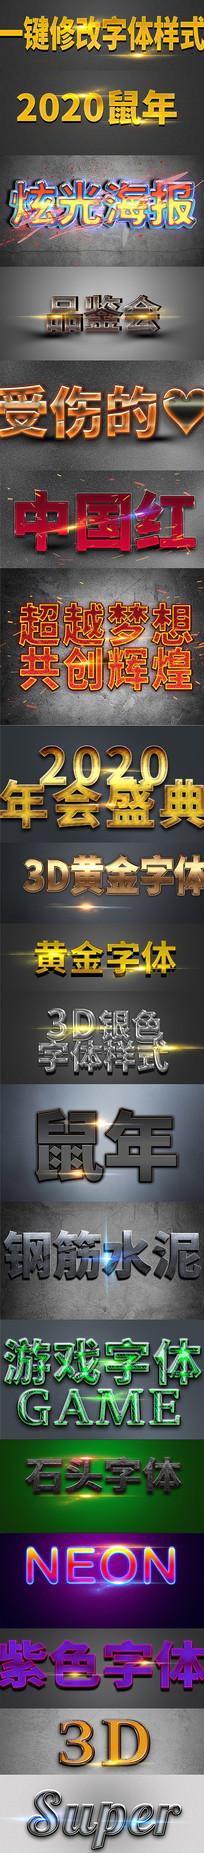 一鍵修改PSD分層海報3D樣式大合集